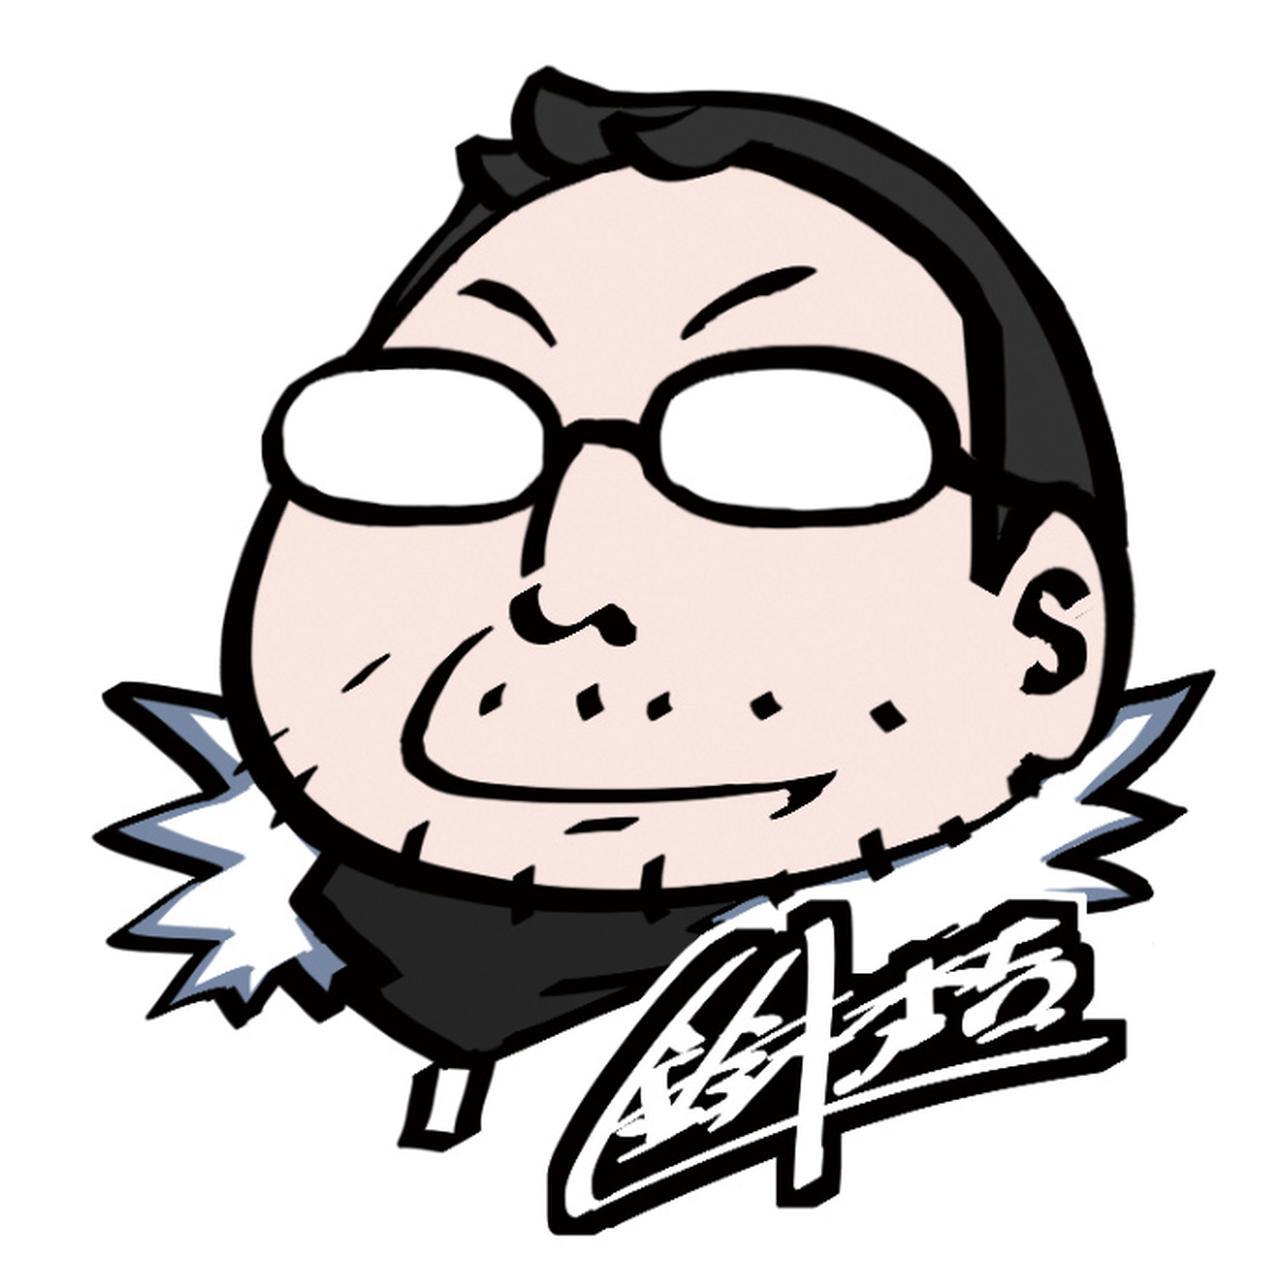 画像2: 【SUZUKI KATANA】スズキの「新たなる伝説」を飾る1台【ベストヒット番付2019】